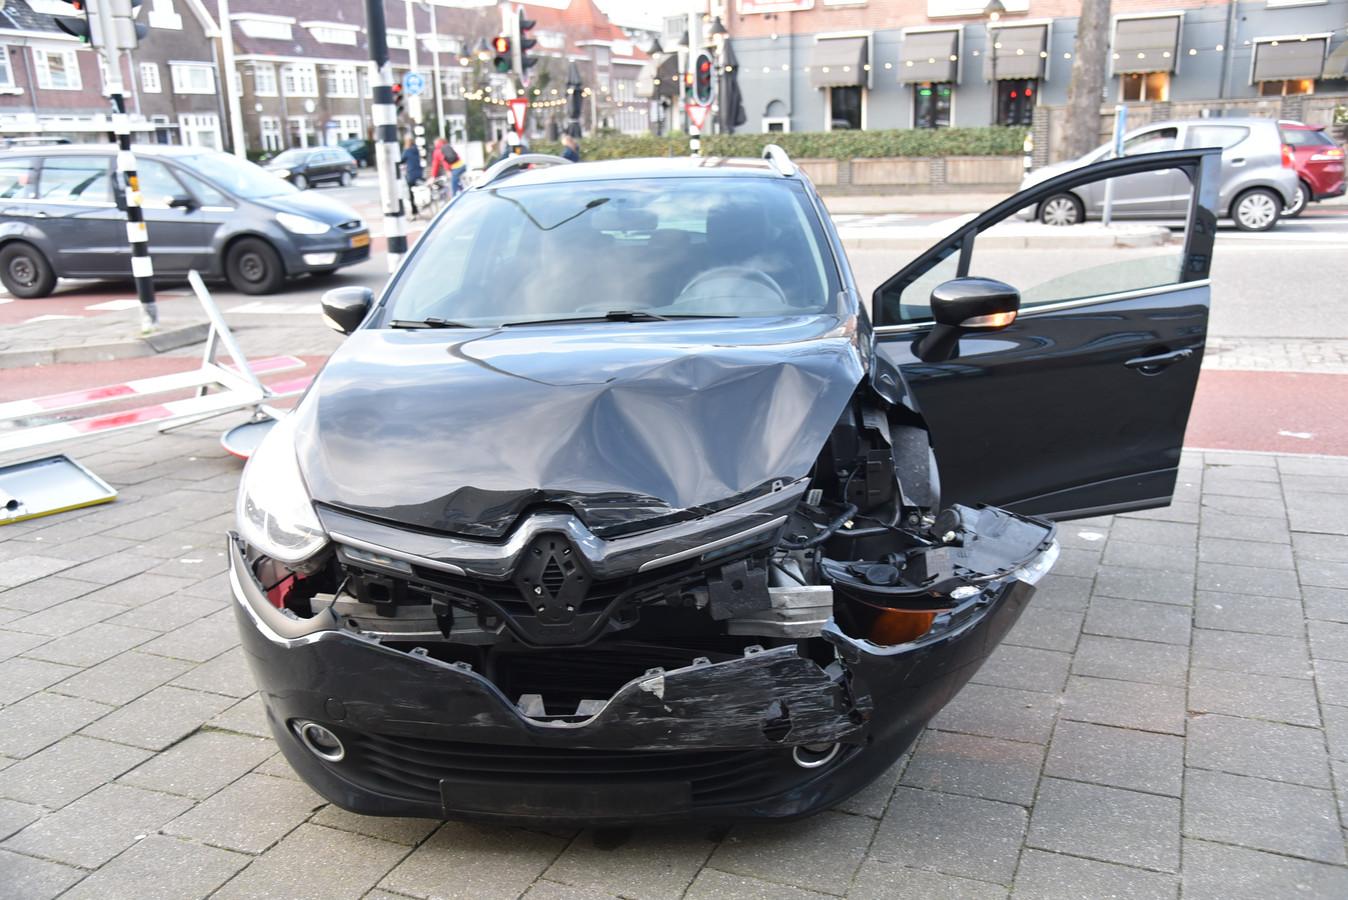 Een van de auto's die bij het ongeluk betrokken raakten.